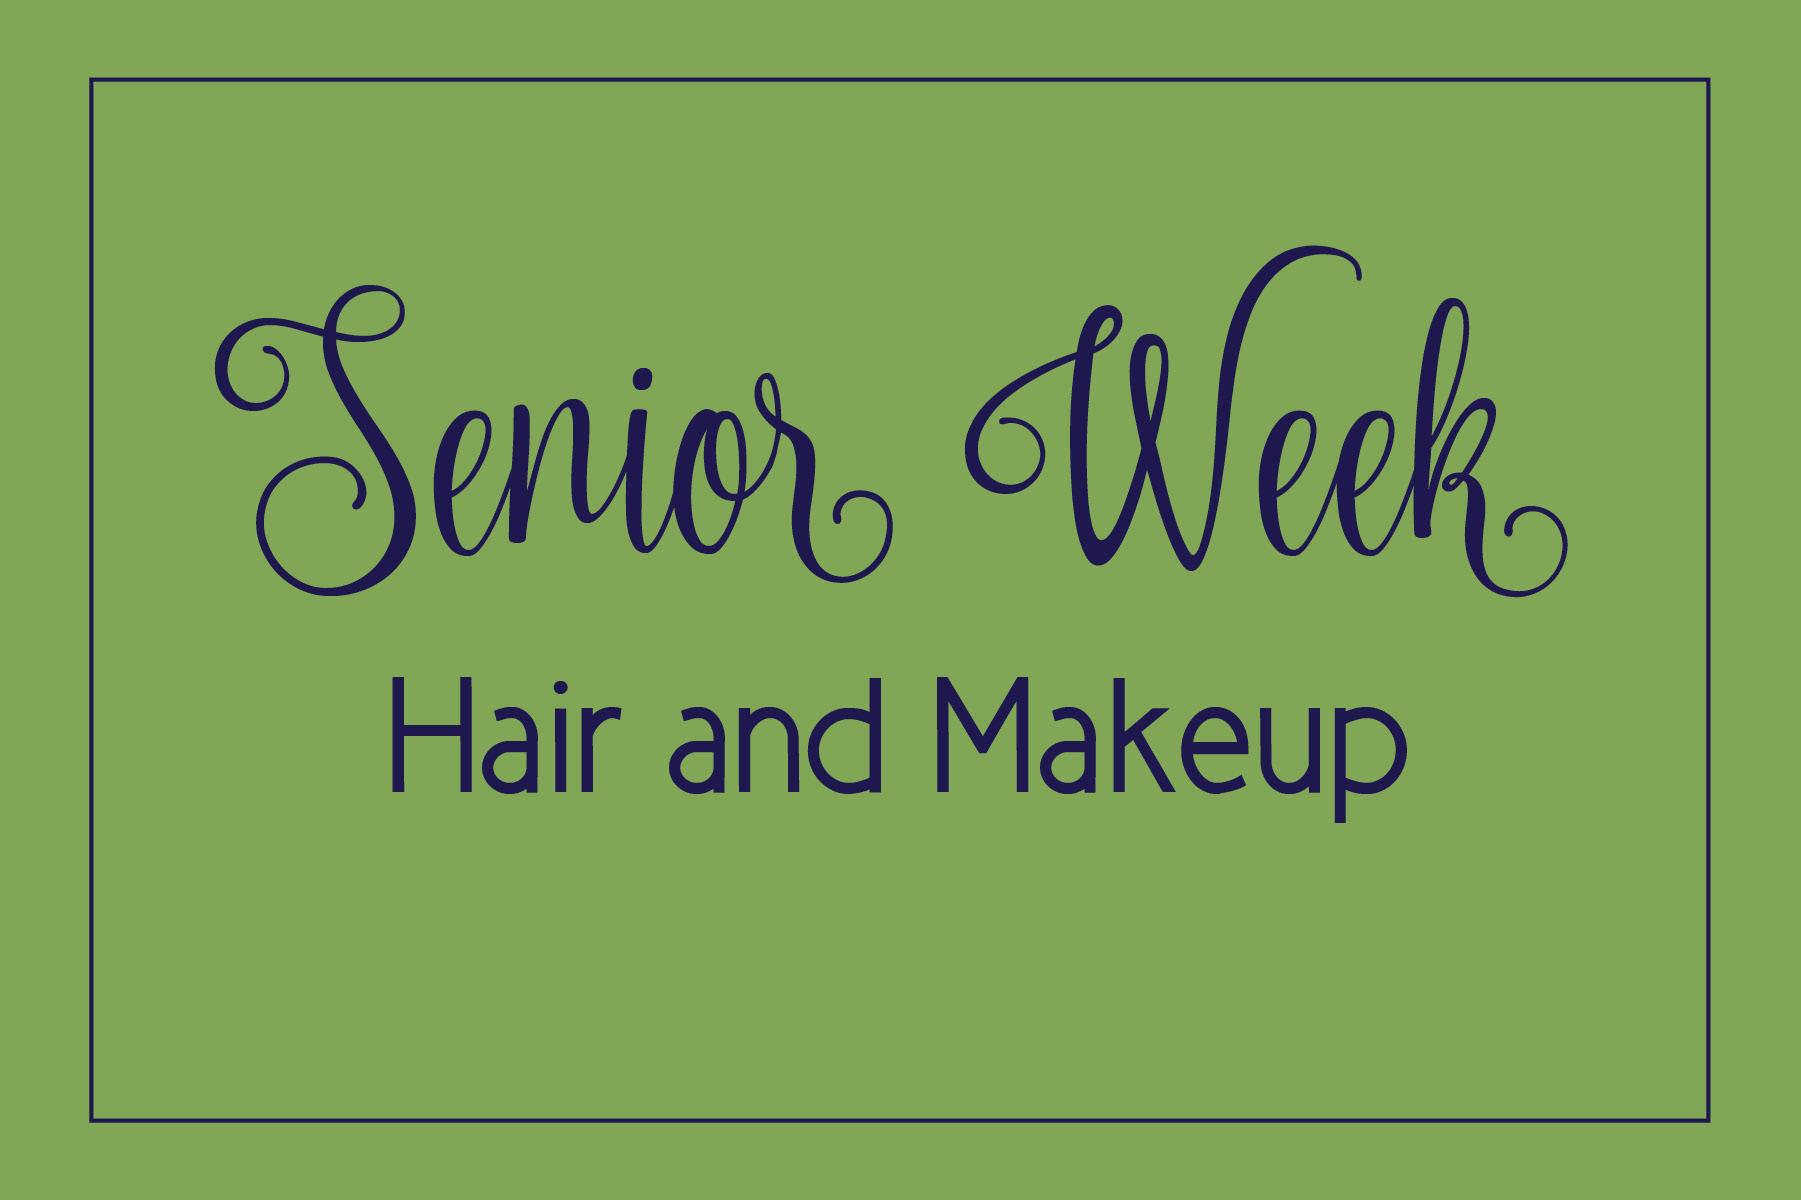 senior week hair and makeup.jpg